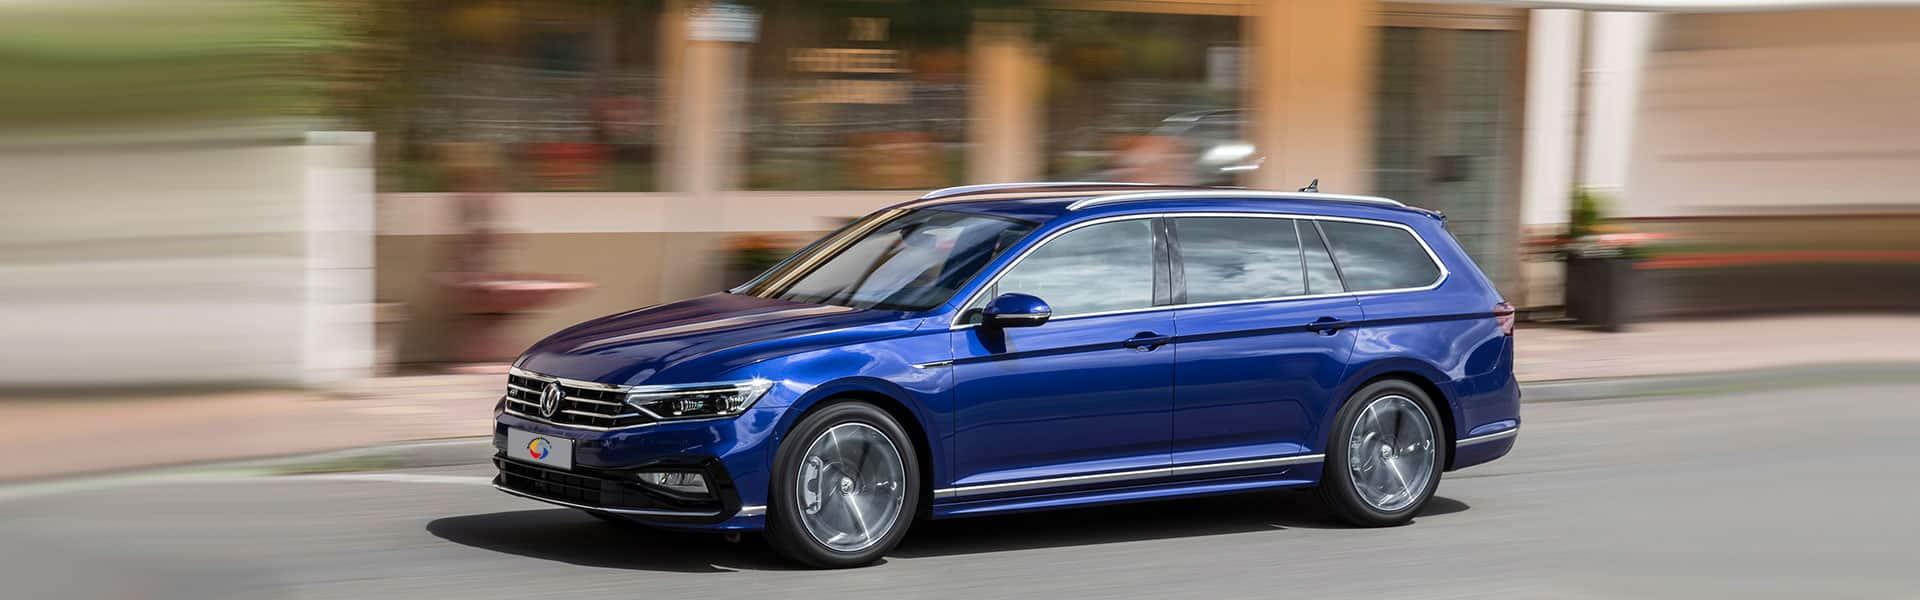 VW Passat Variant Scheidweg Garage